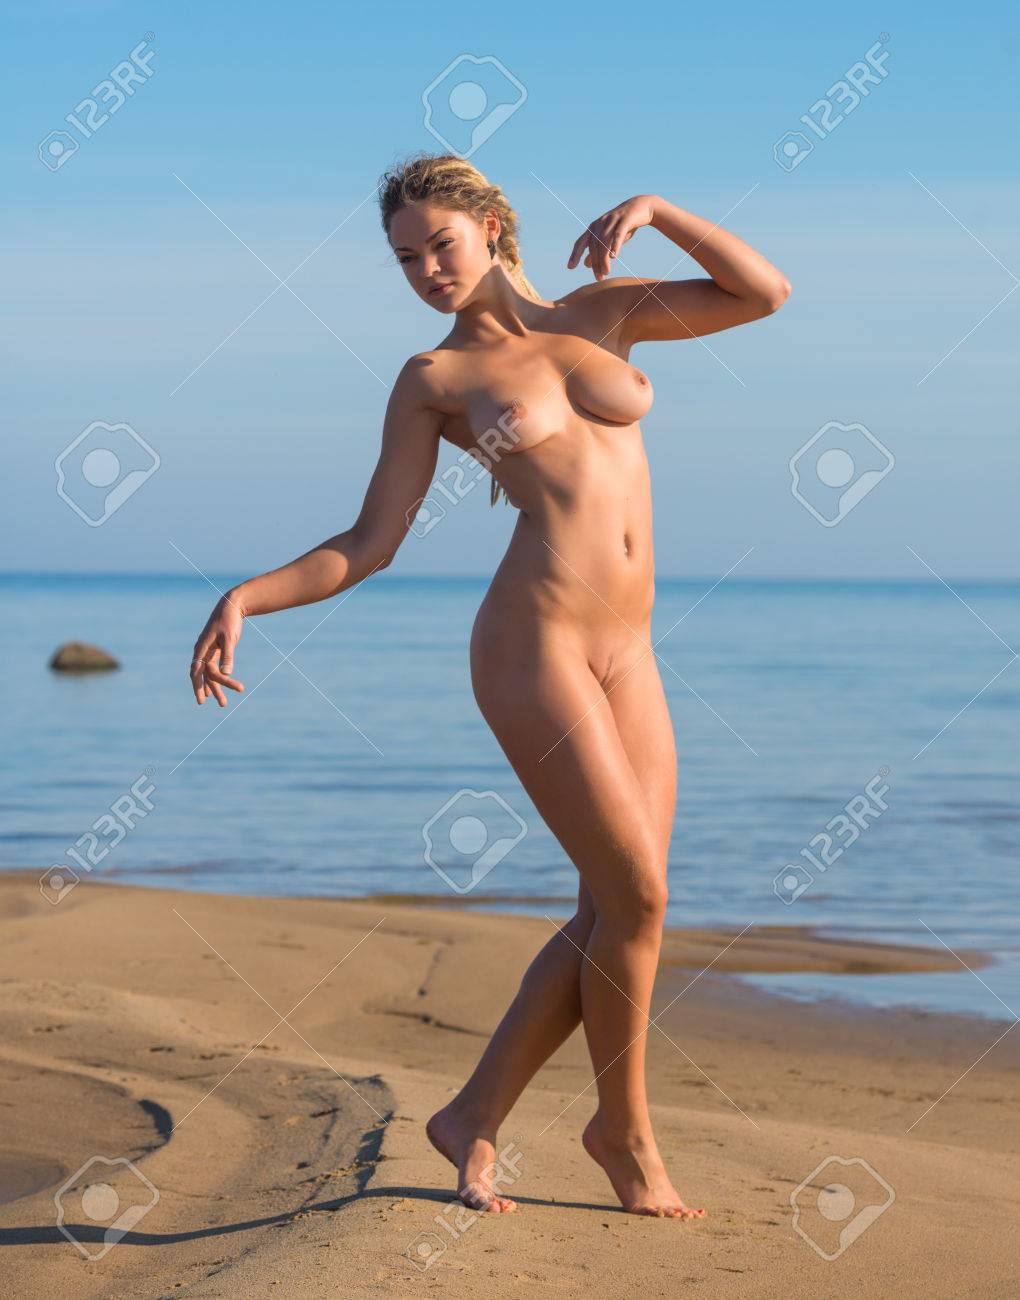 schön und nackt am strand